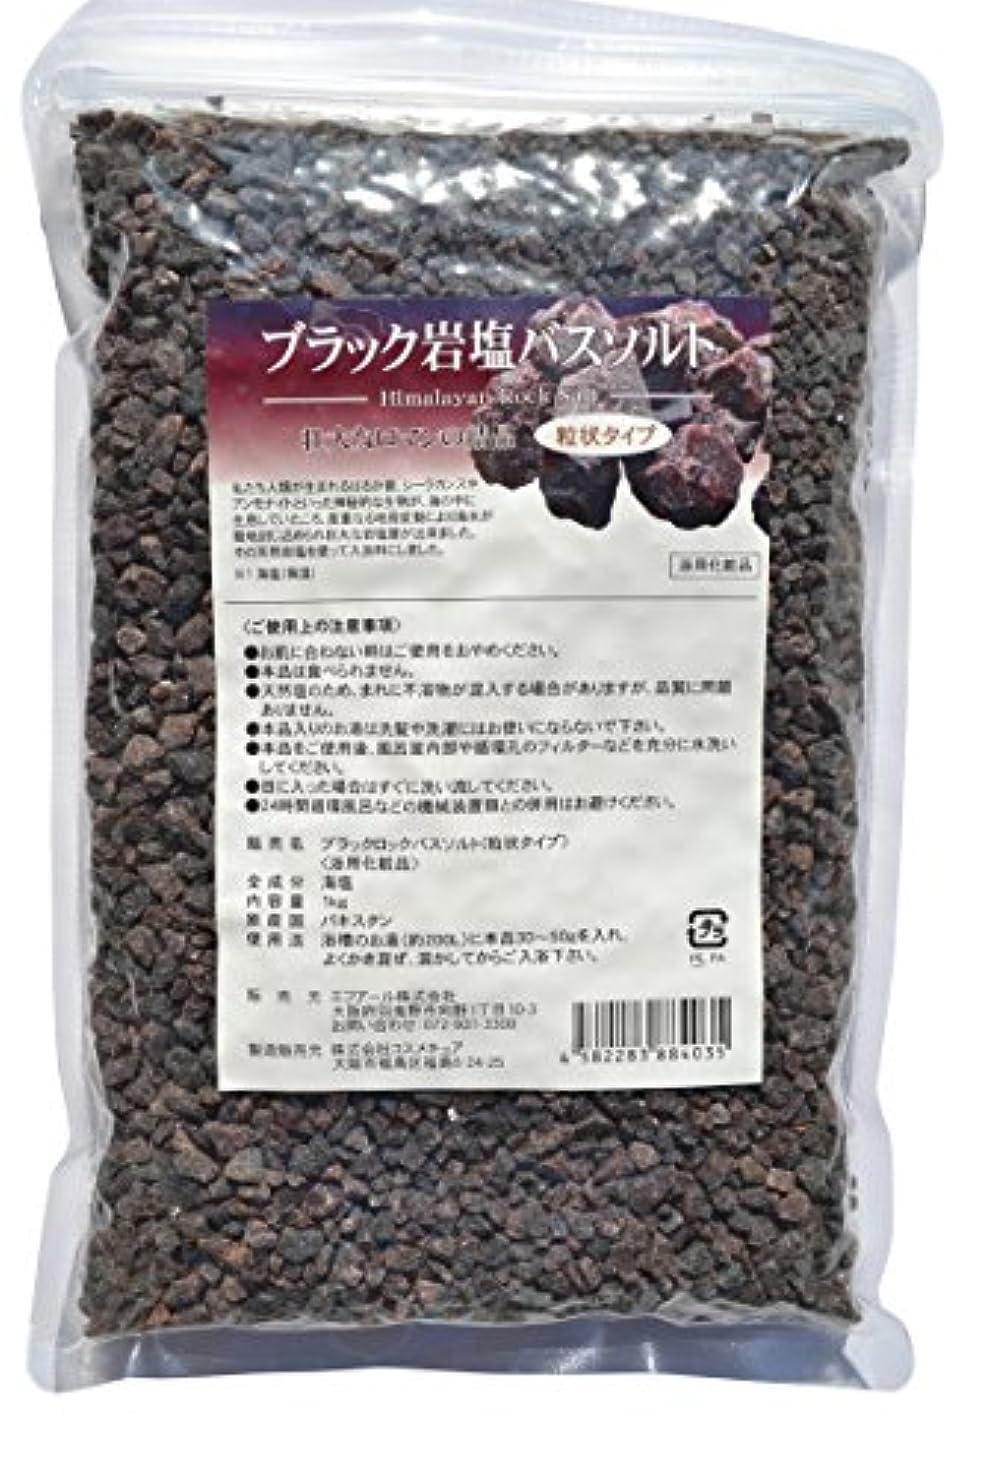 知らせる恨み叫ぶブラック岩塩 バスソルト 粒状タイプ 1kg